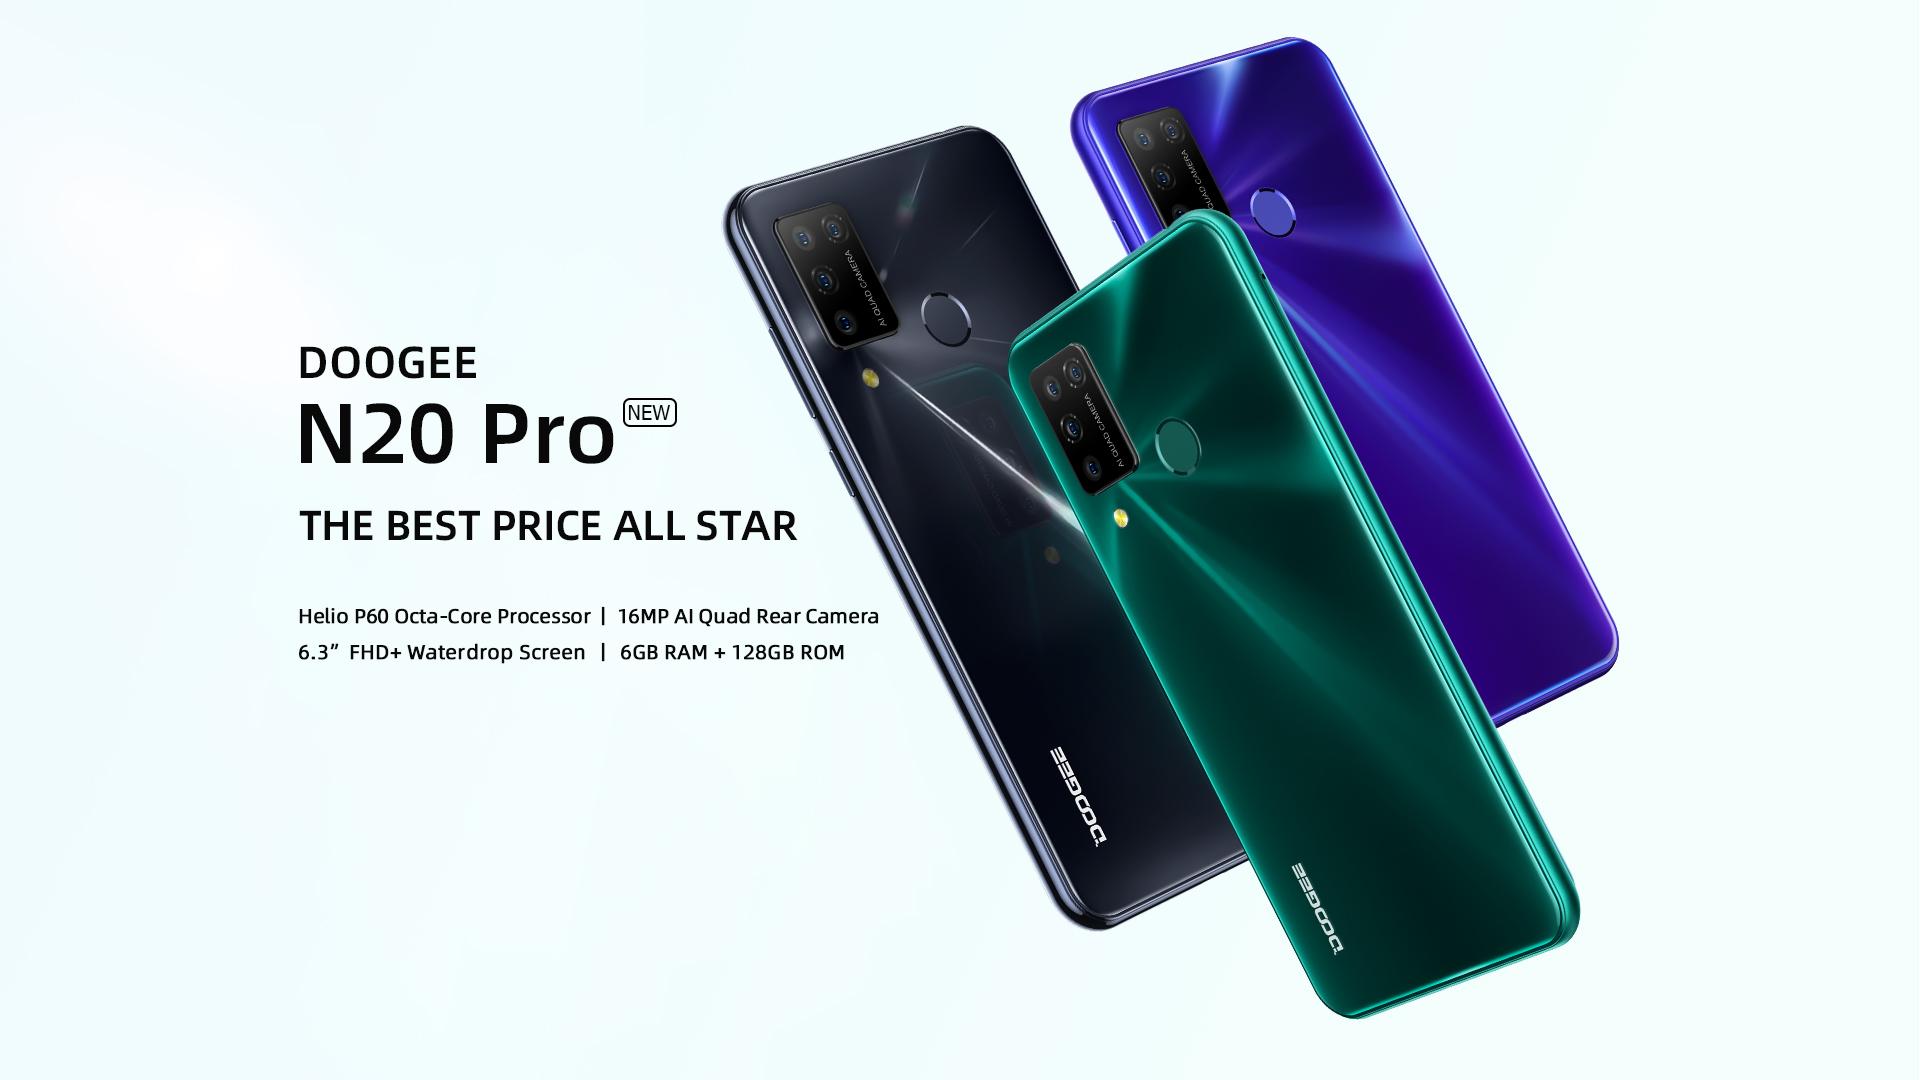 Buy Doogee N20 Pro mobile phone